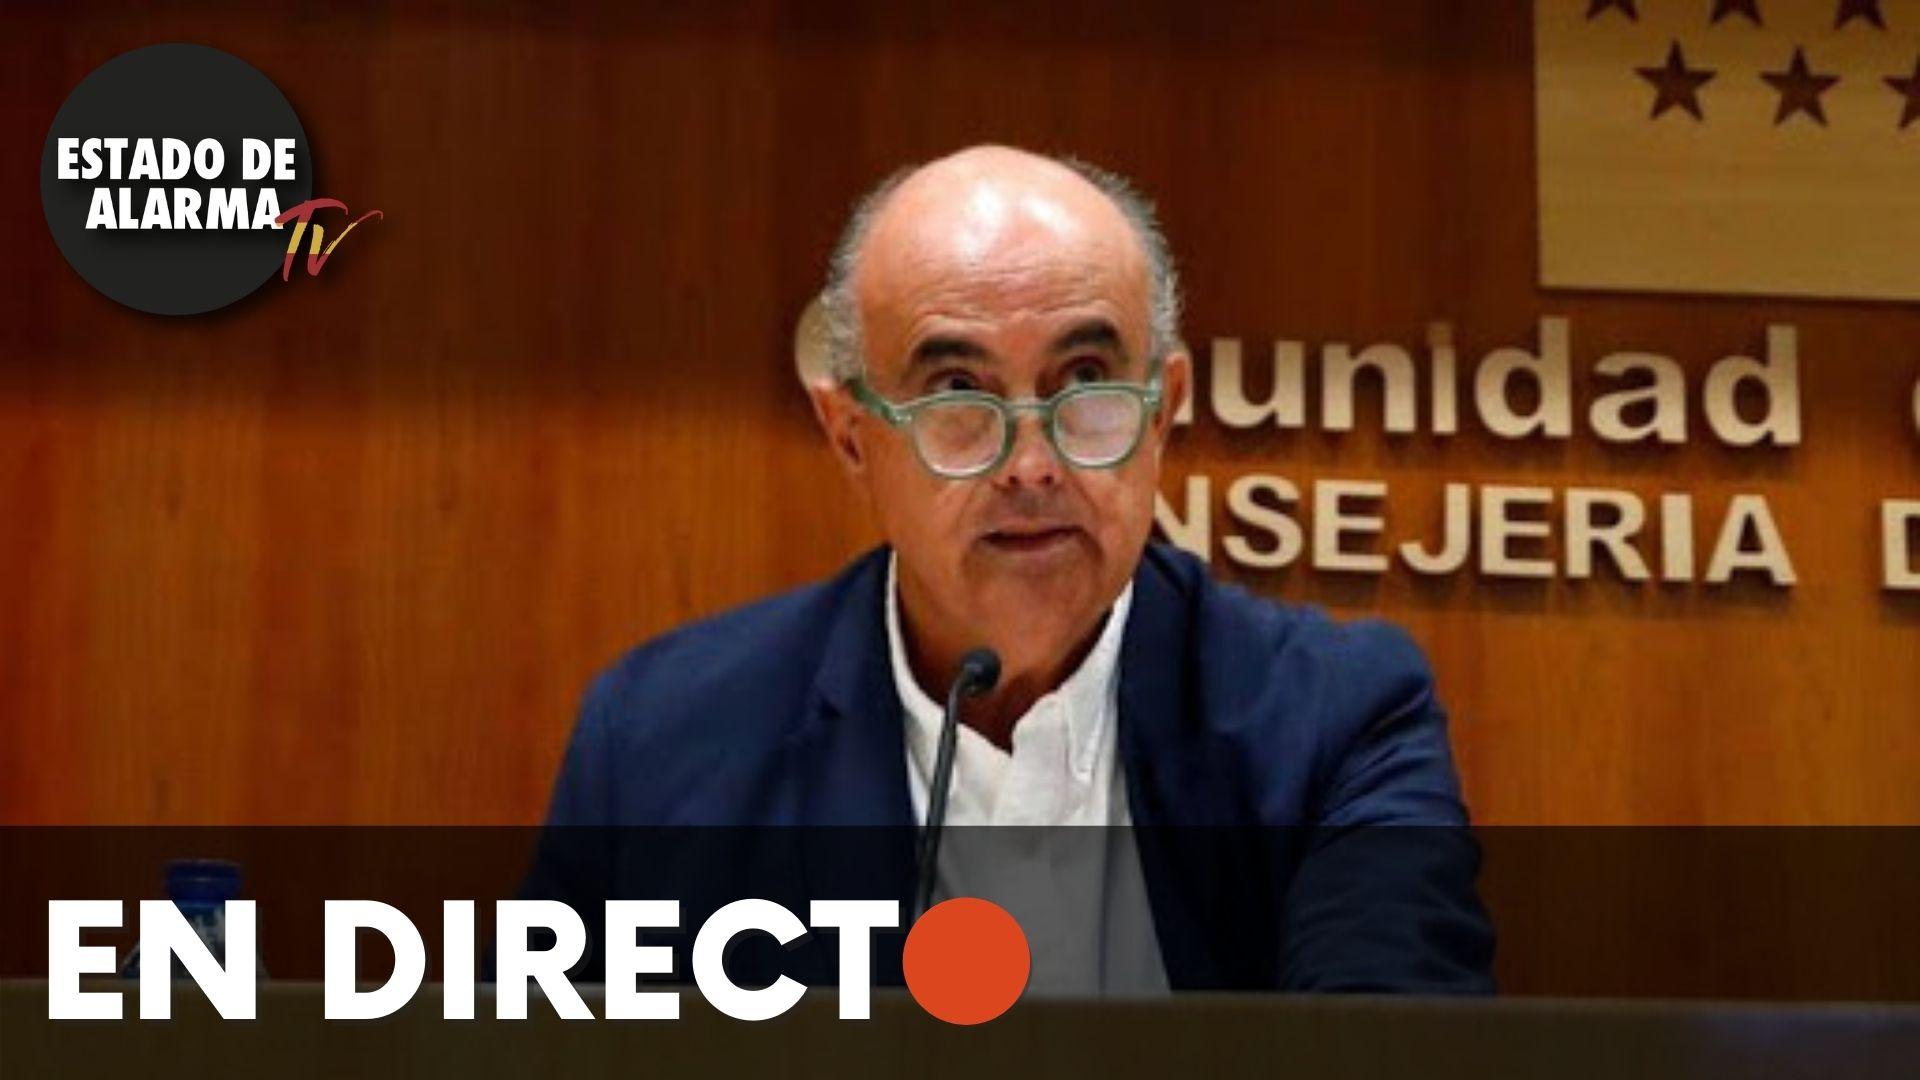 EN DIRECTO | Zapatero informa sobre la situación del coronavirus en la Comunidad de Madrid